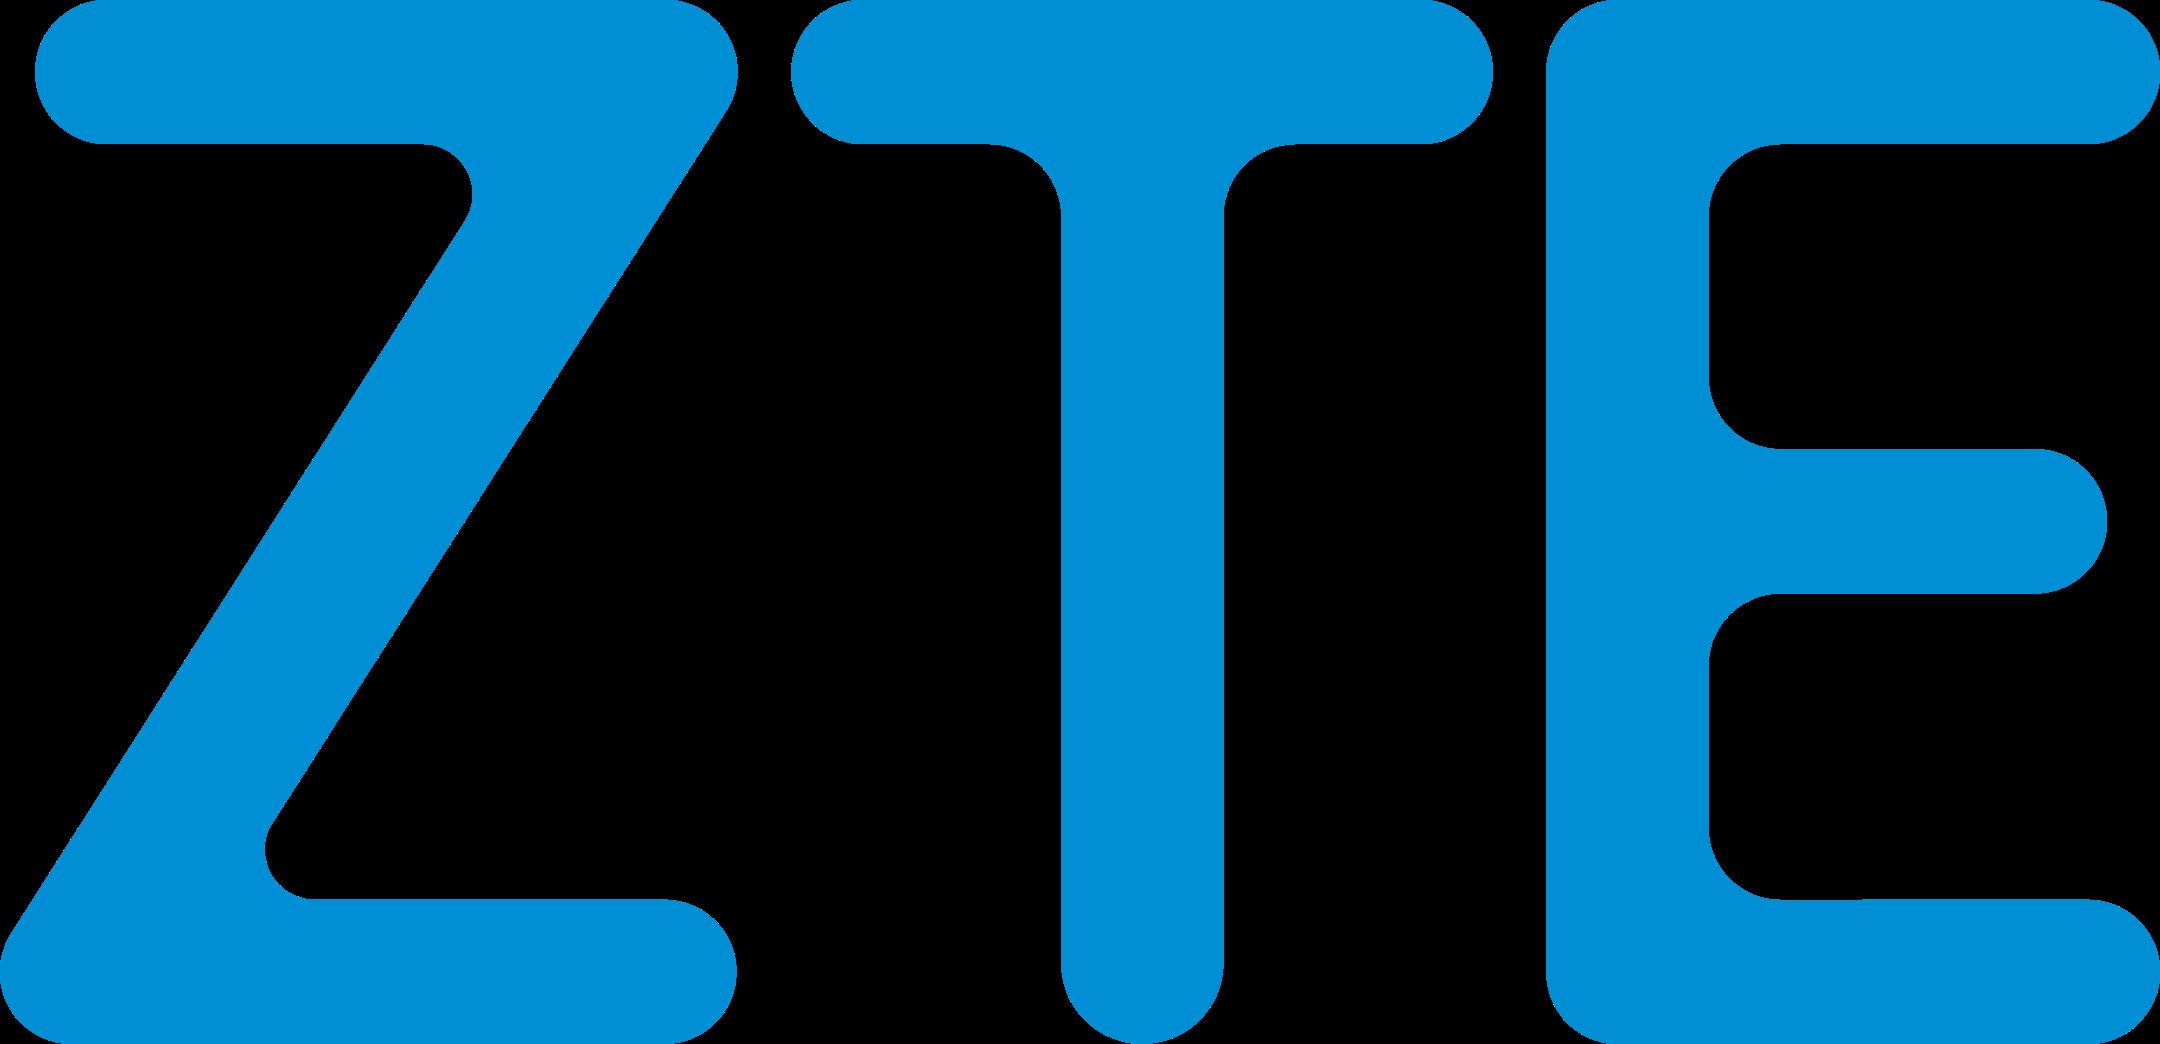 zte logo 1 1 - ZTE Logo